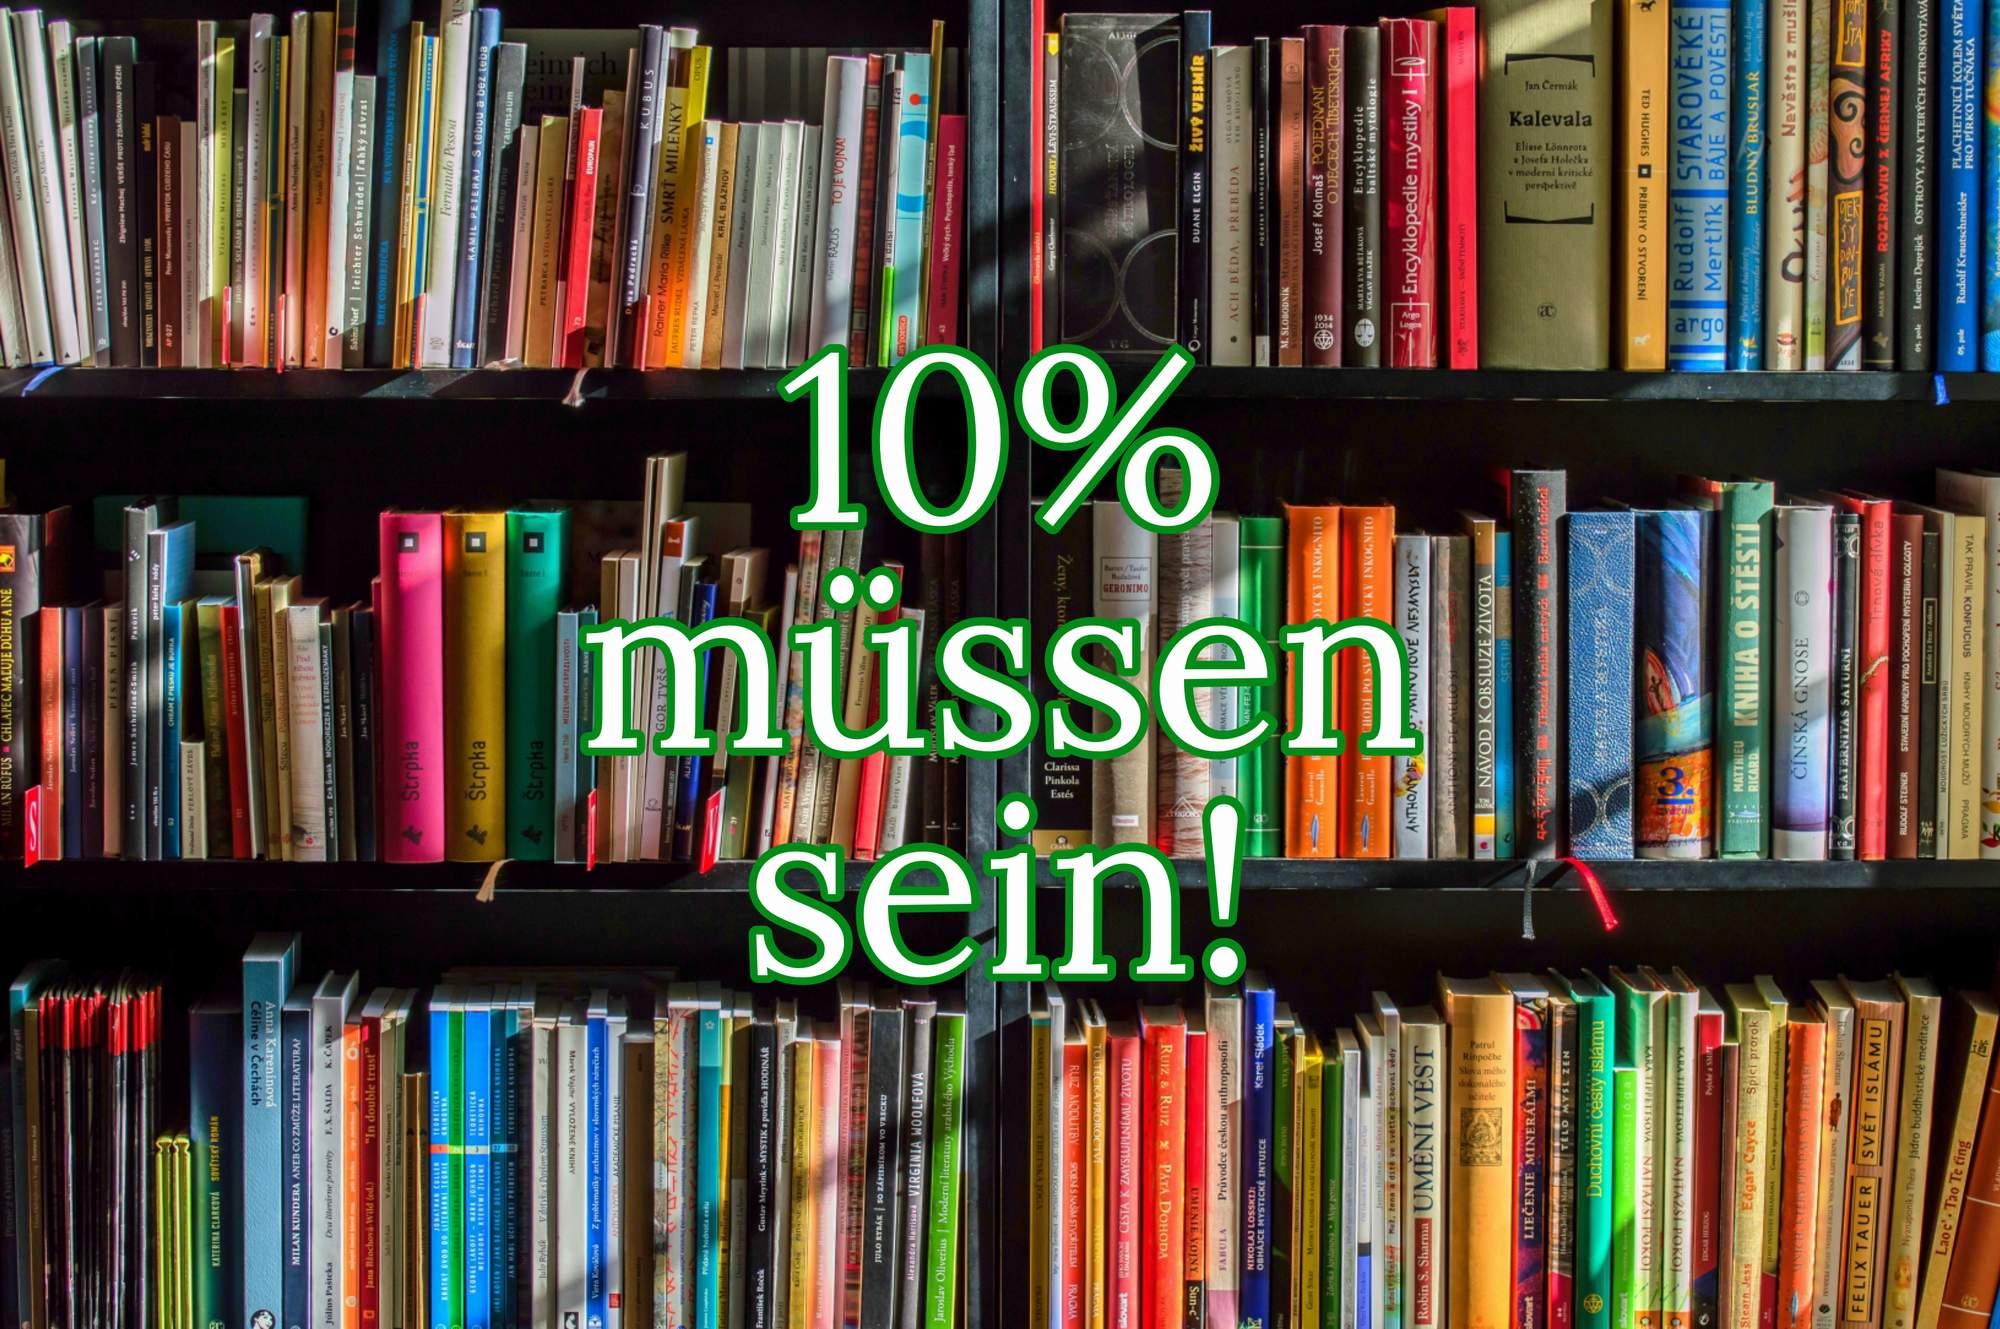 10% Erneuerung in der Bibliothek